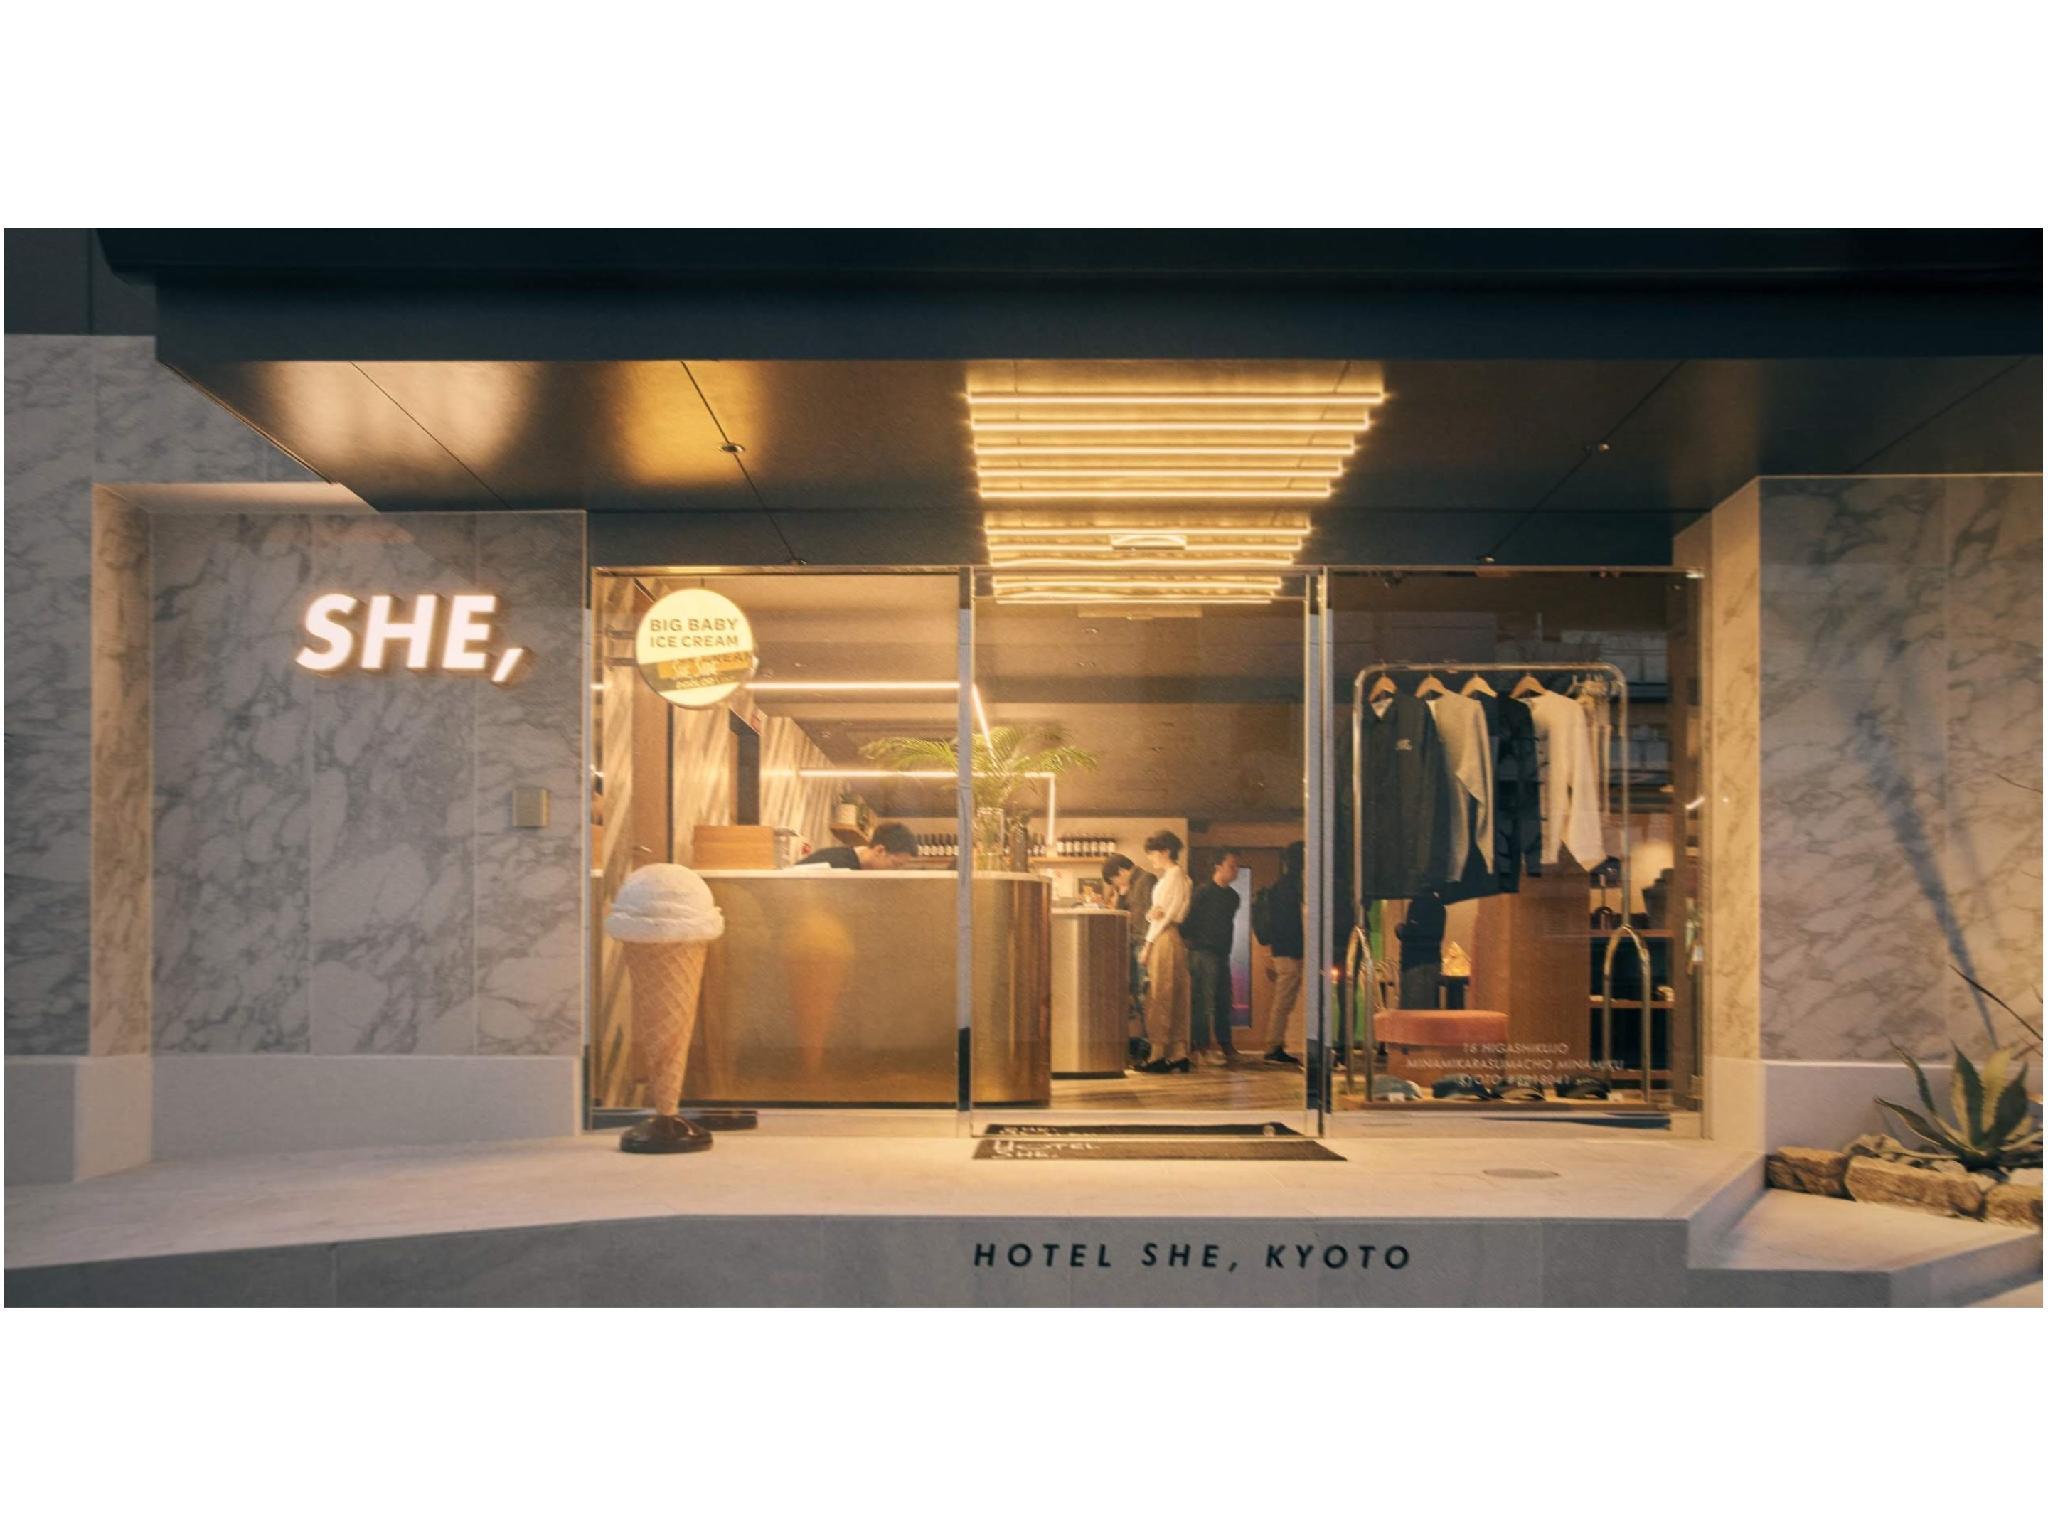 HOTEL SHE